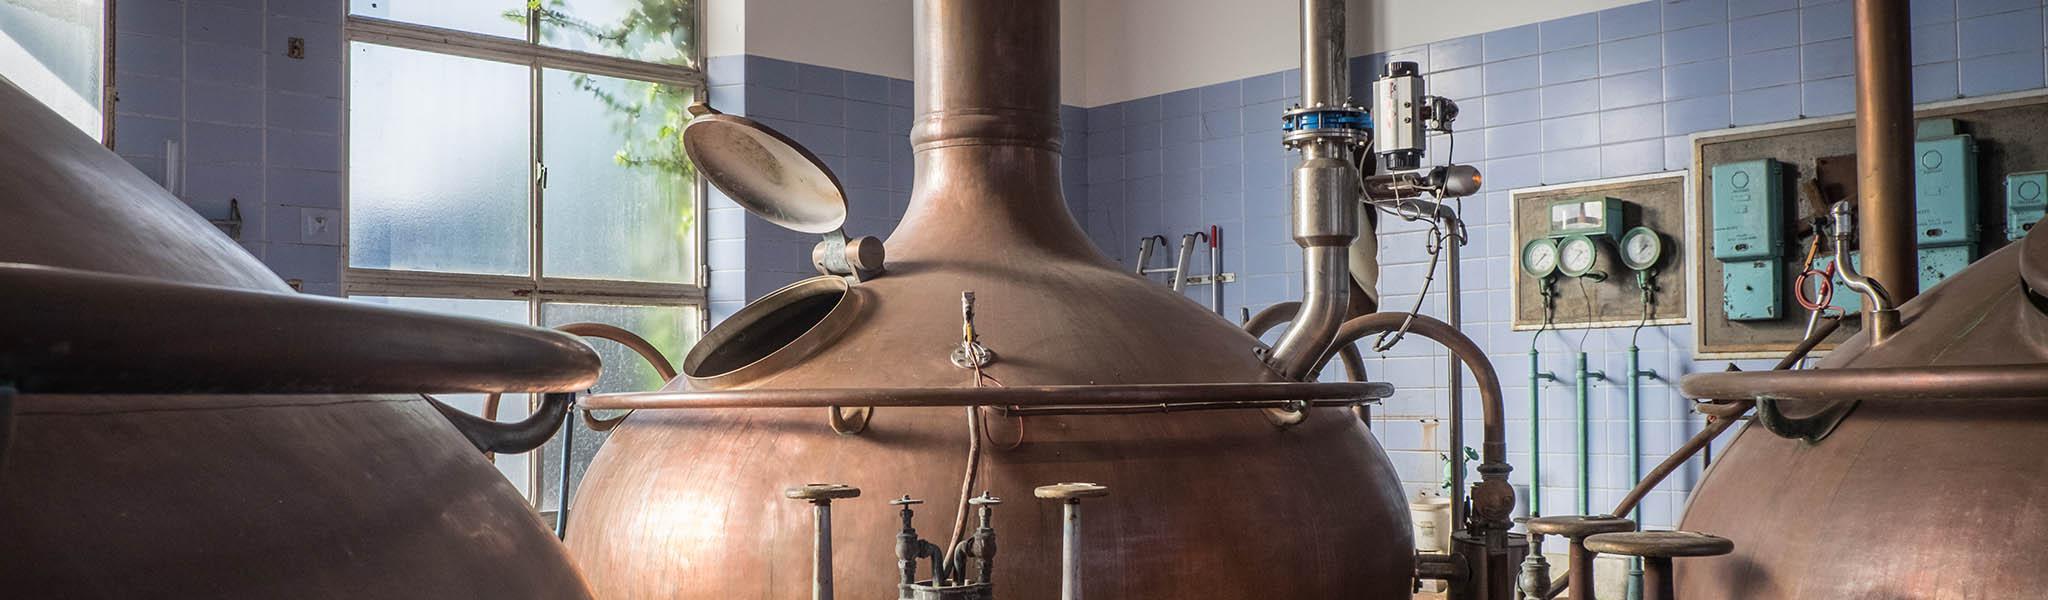 Brouwzaal Brouwerij Het Anker